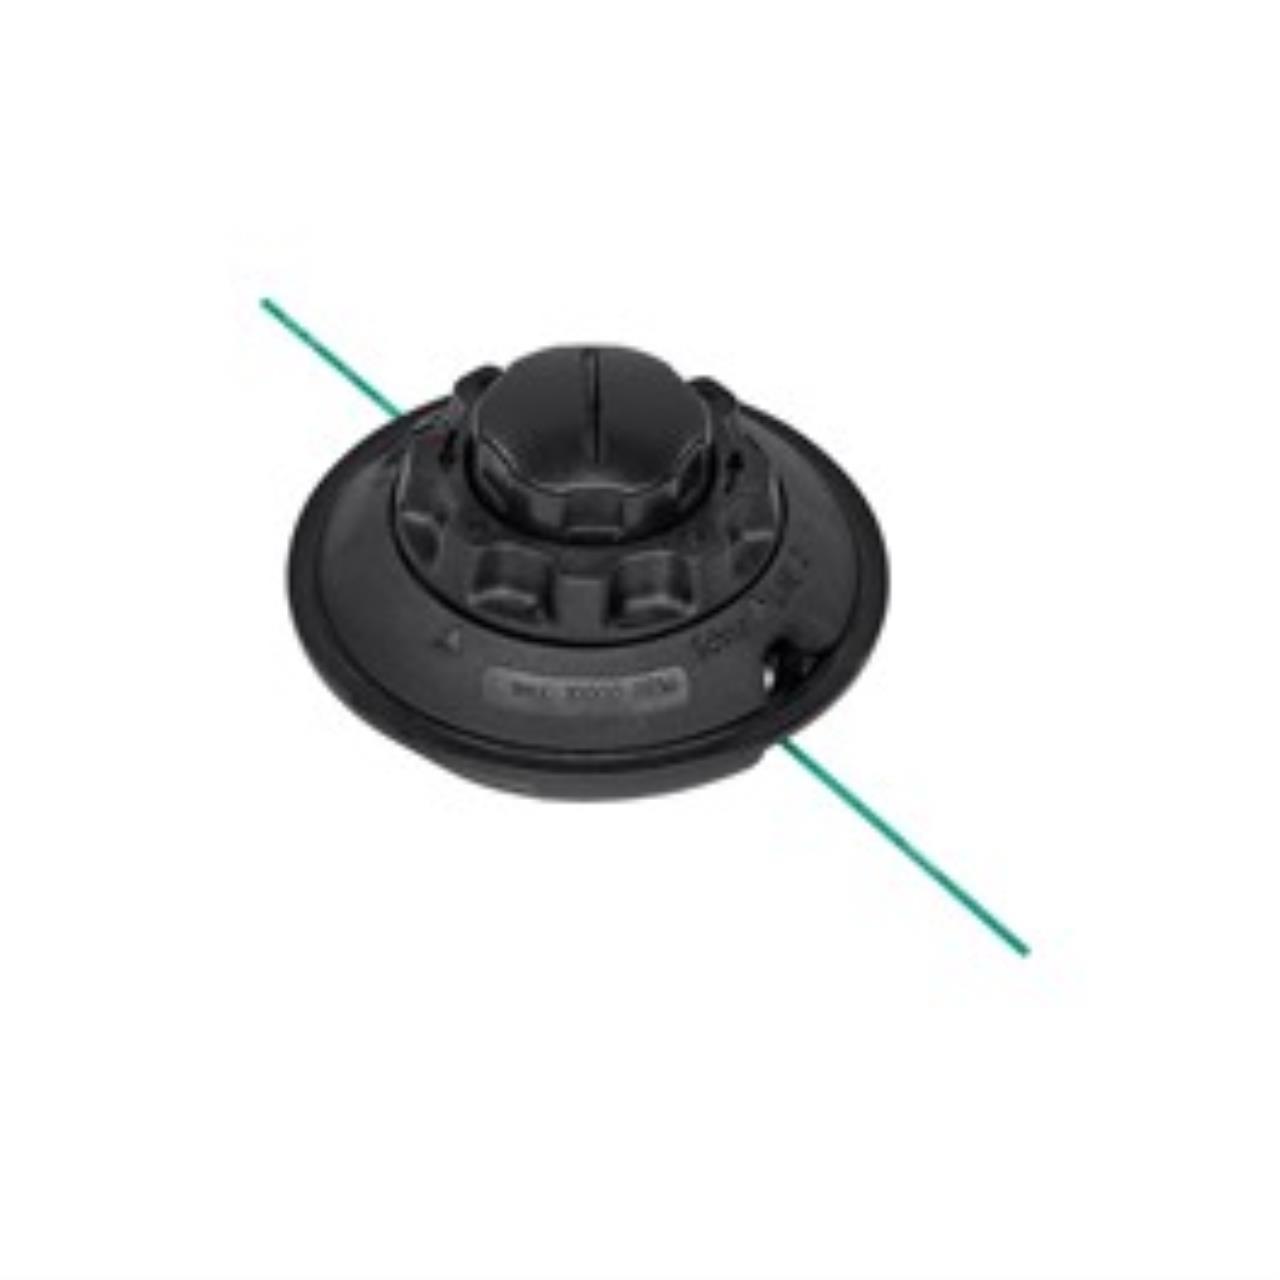 Stihl Trimmerhoved Autocut C4-2 FSA65/FSA85